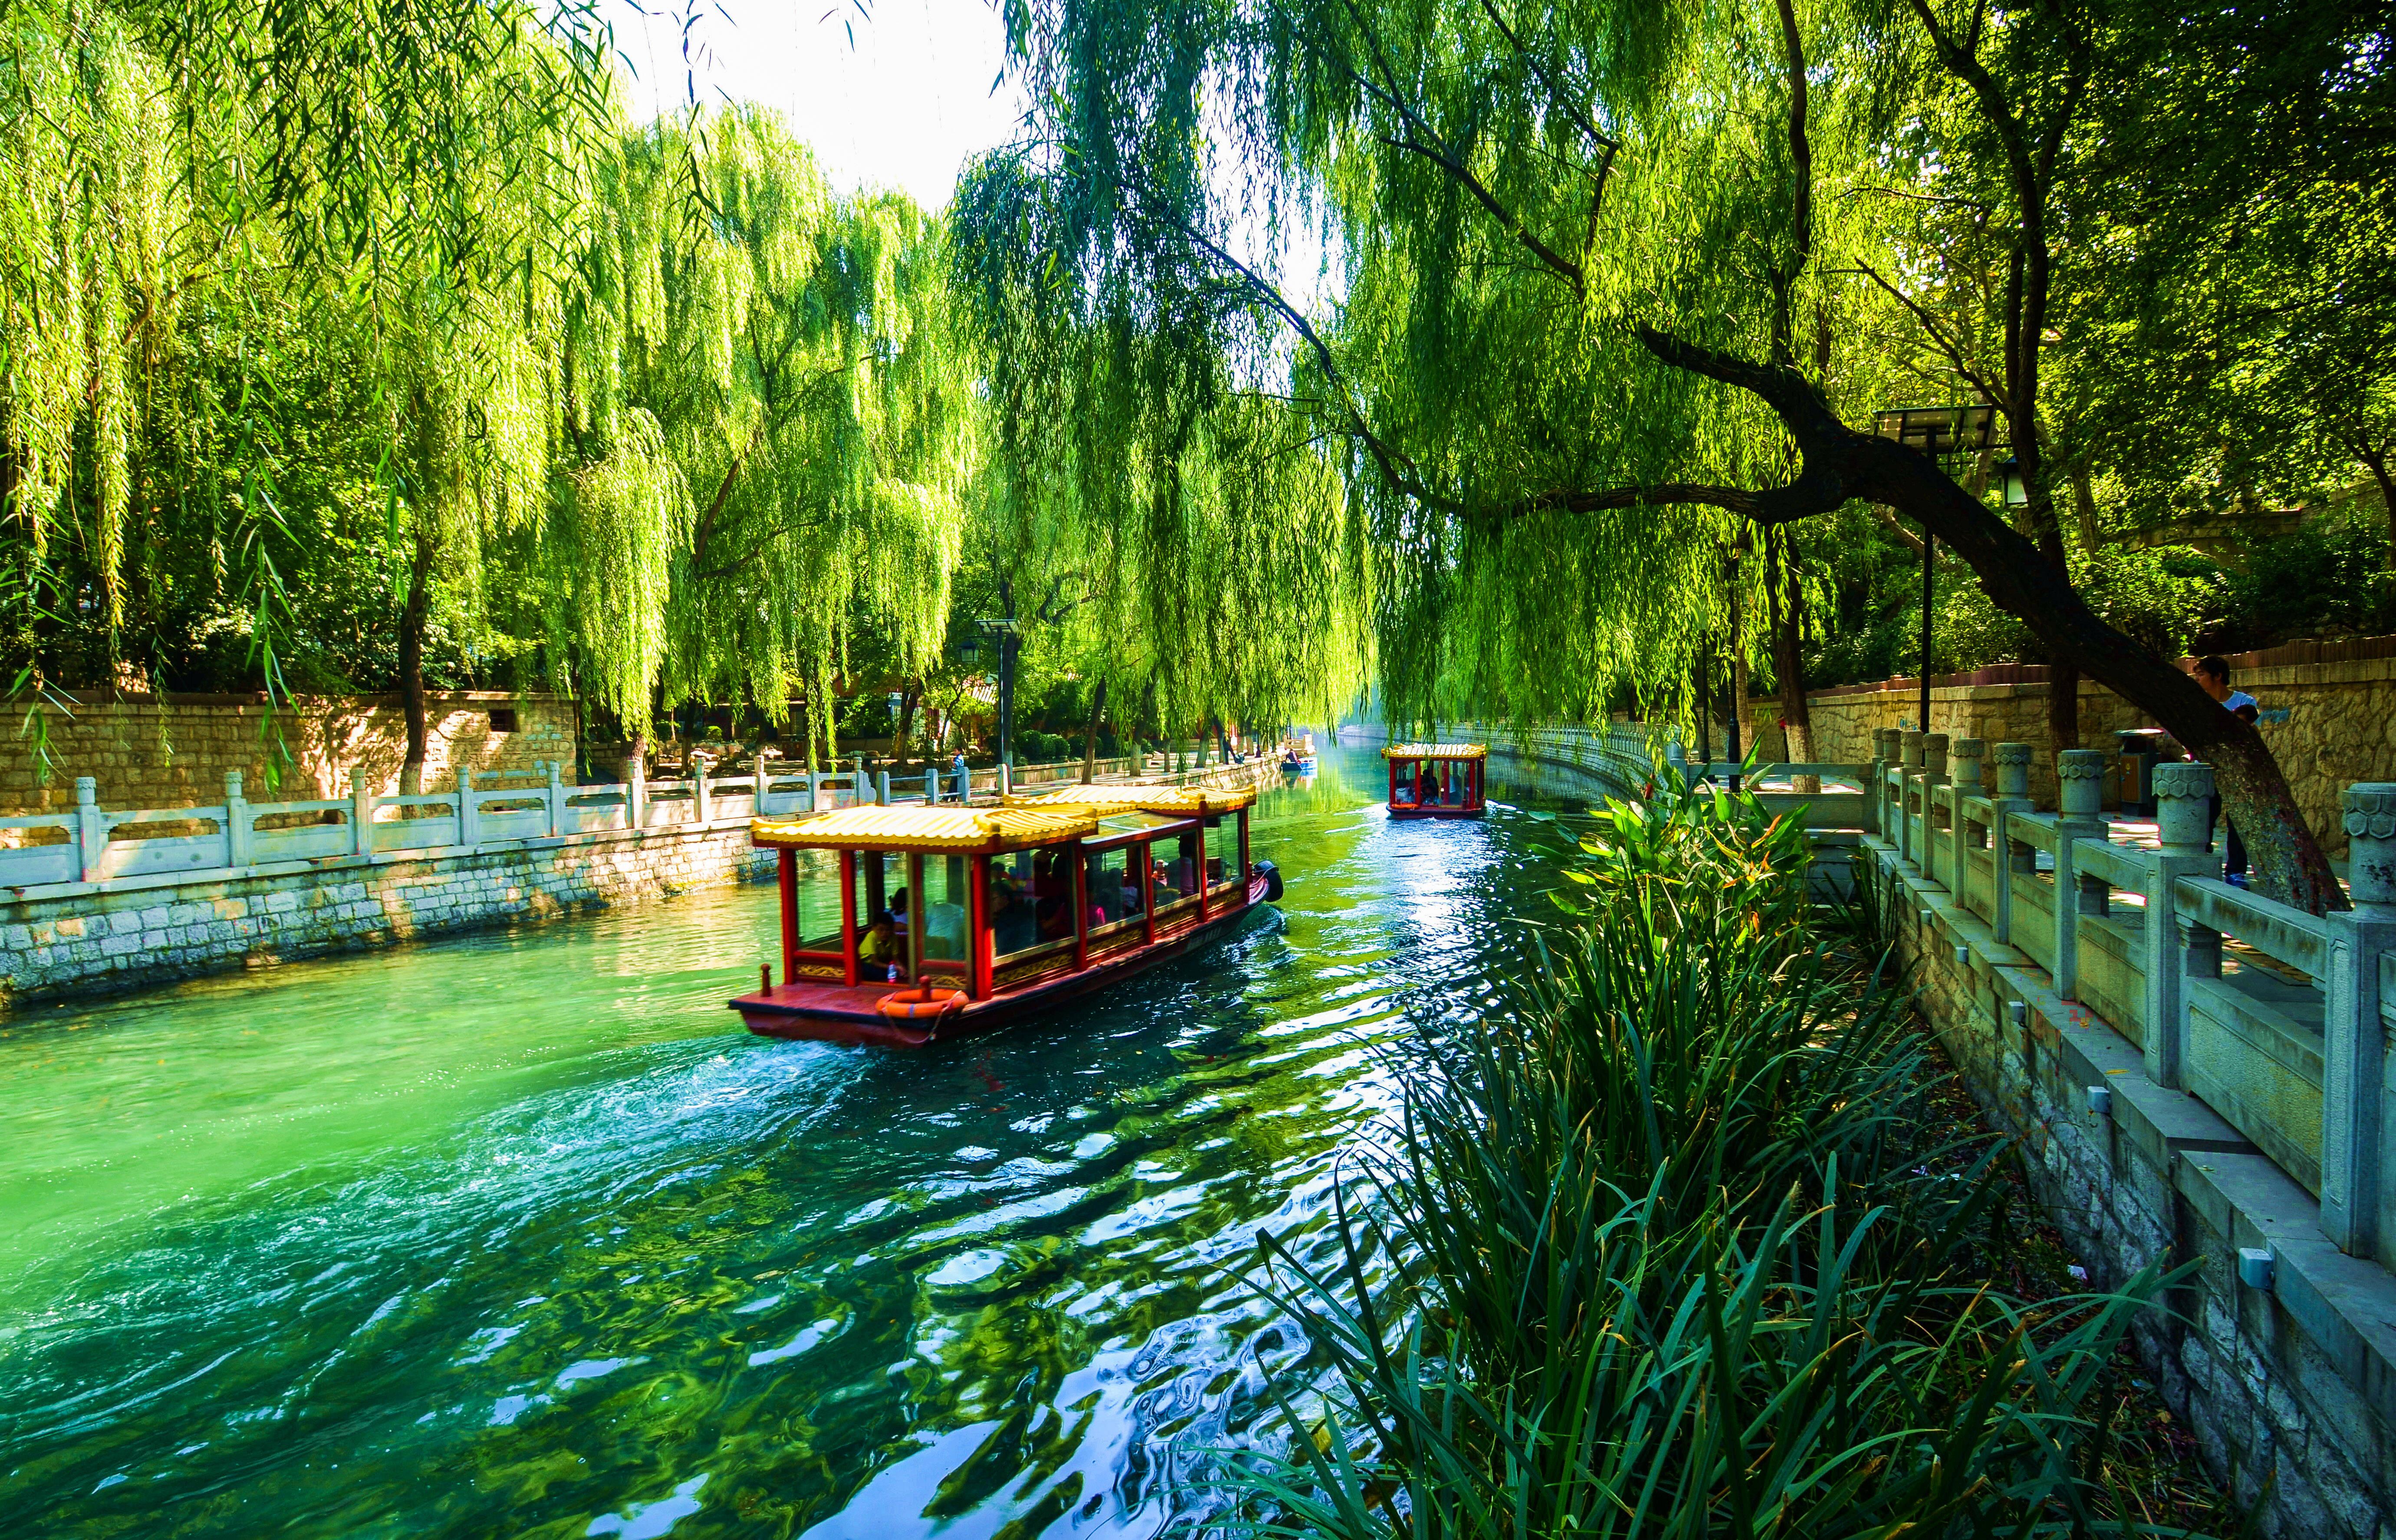 九月泉水欢歌 快踏上这12条济南泉水旅游线路领略泉城之美